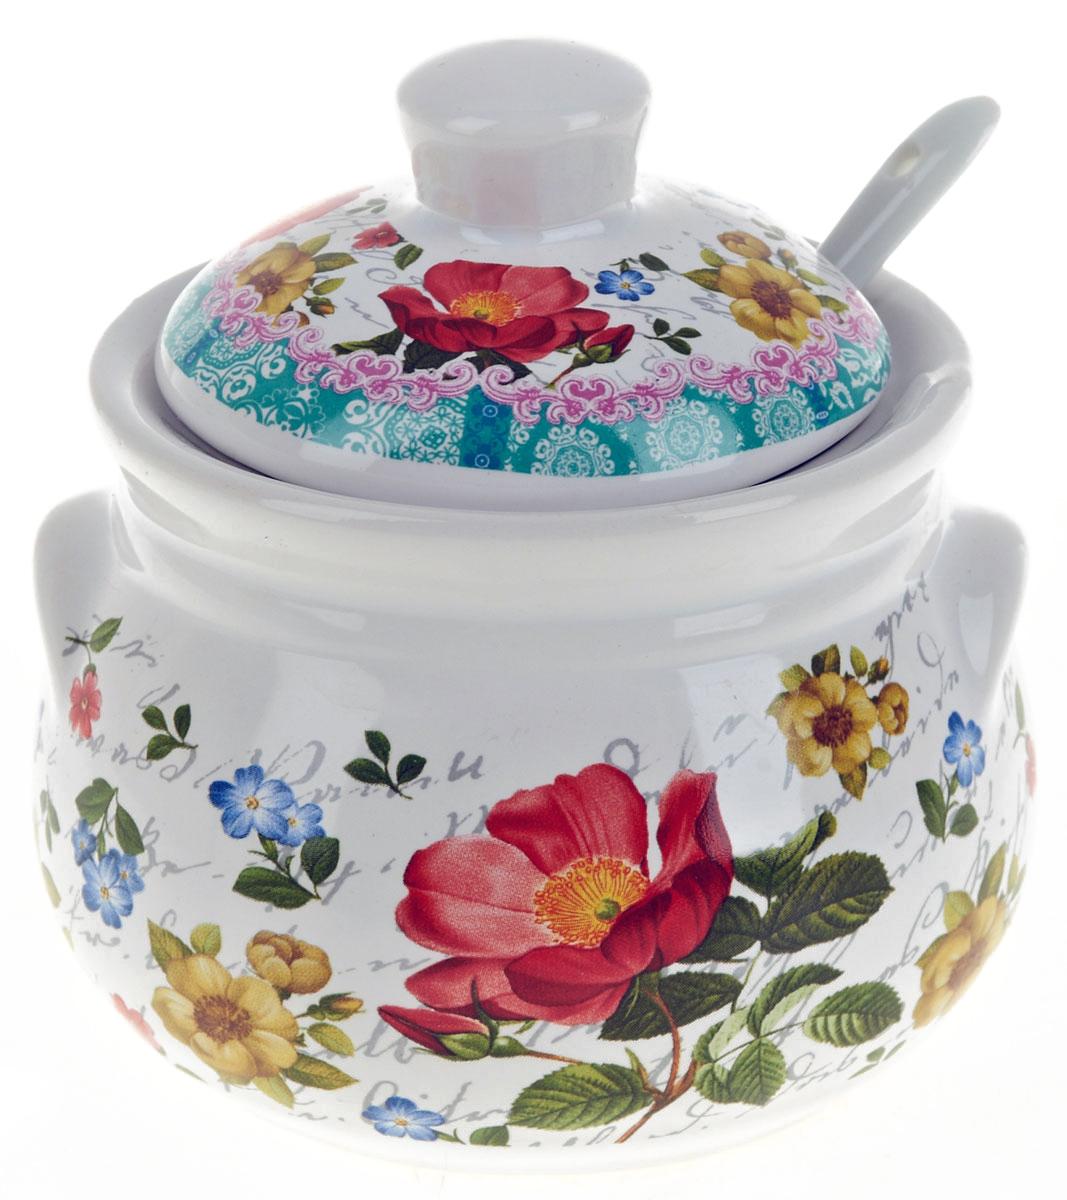 Сахарница NS Group Цветочная поэма, с ложкой, 400 мл0660106Сахарница Цветочная поэма с крышкой и ложкой изготовлена из керамики и украшена ярким рисунком. Емкость универсальна, подойдет как для сахара, так и для специй или меда. Можно мыть в посудомоечной машине.